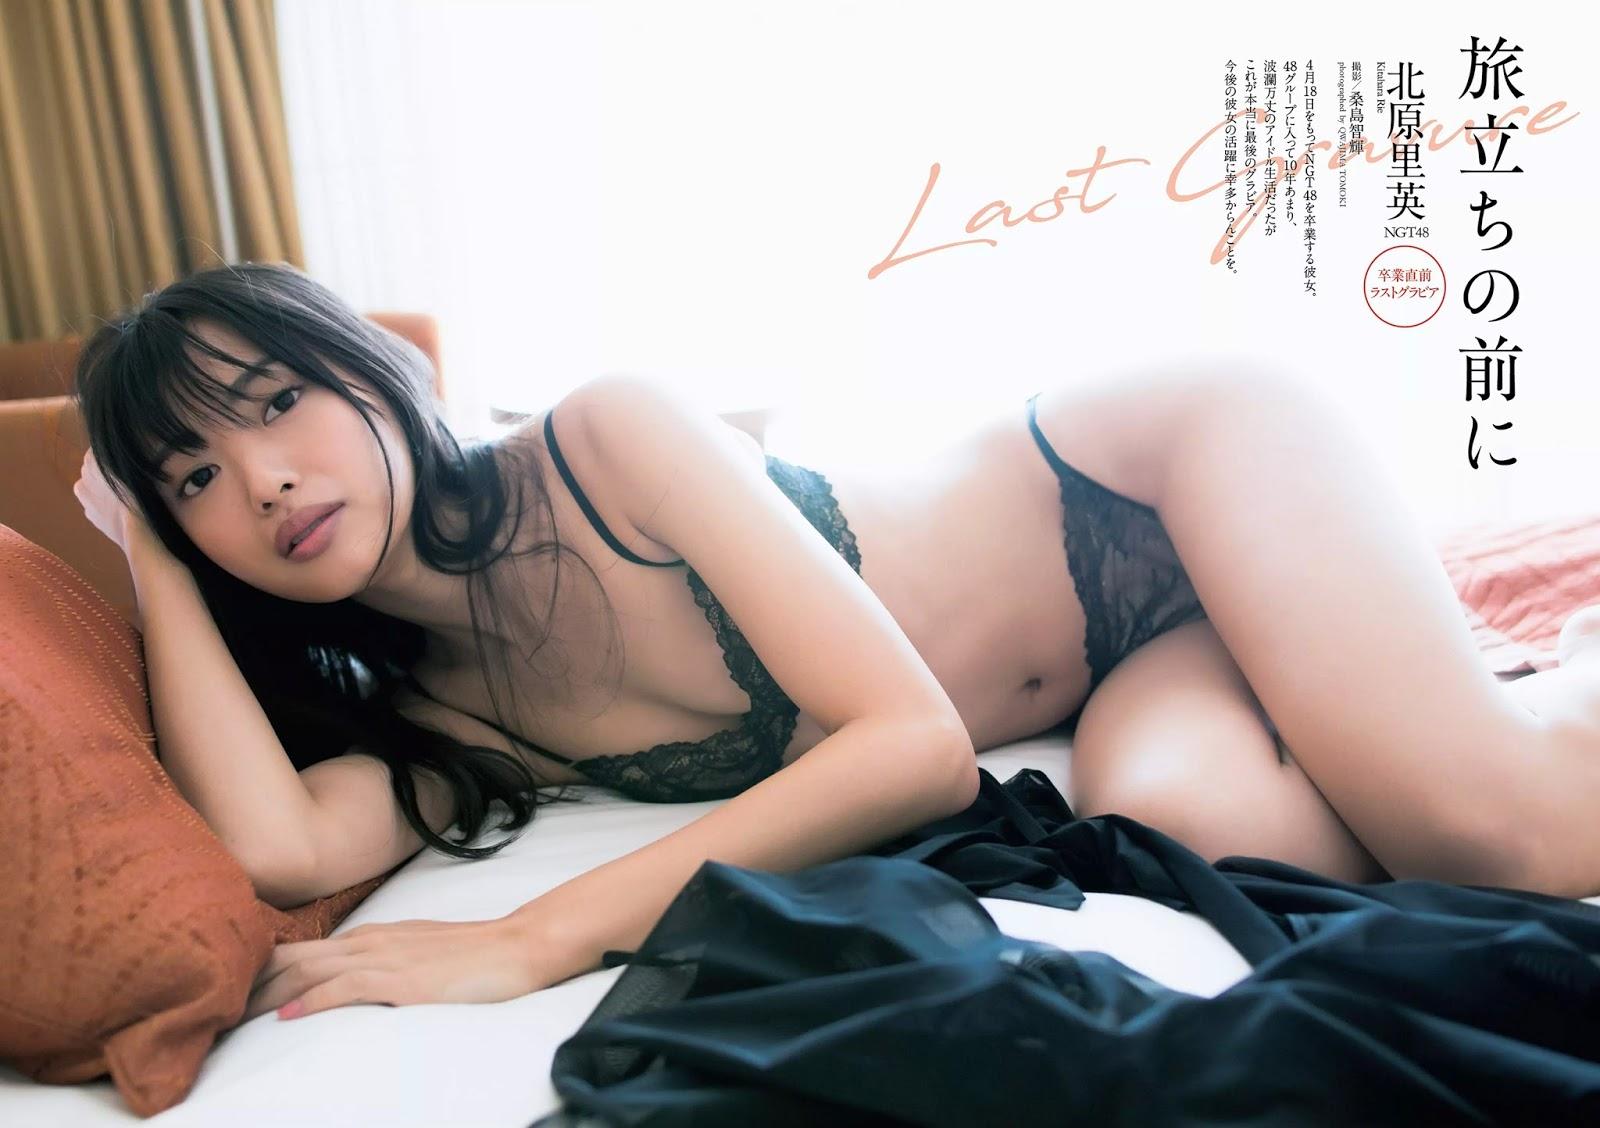 Kitahara Rie 北原里英, Weekly Playboy 2018 No.18 (週刊プレイボーイ 2018年18号)